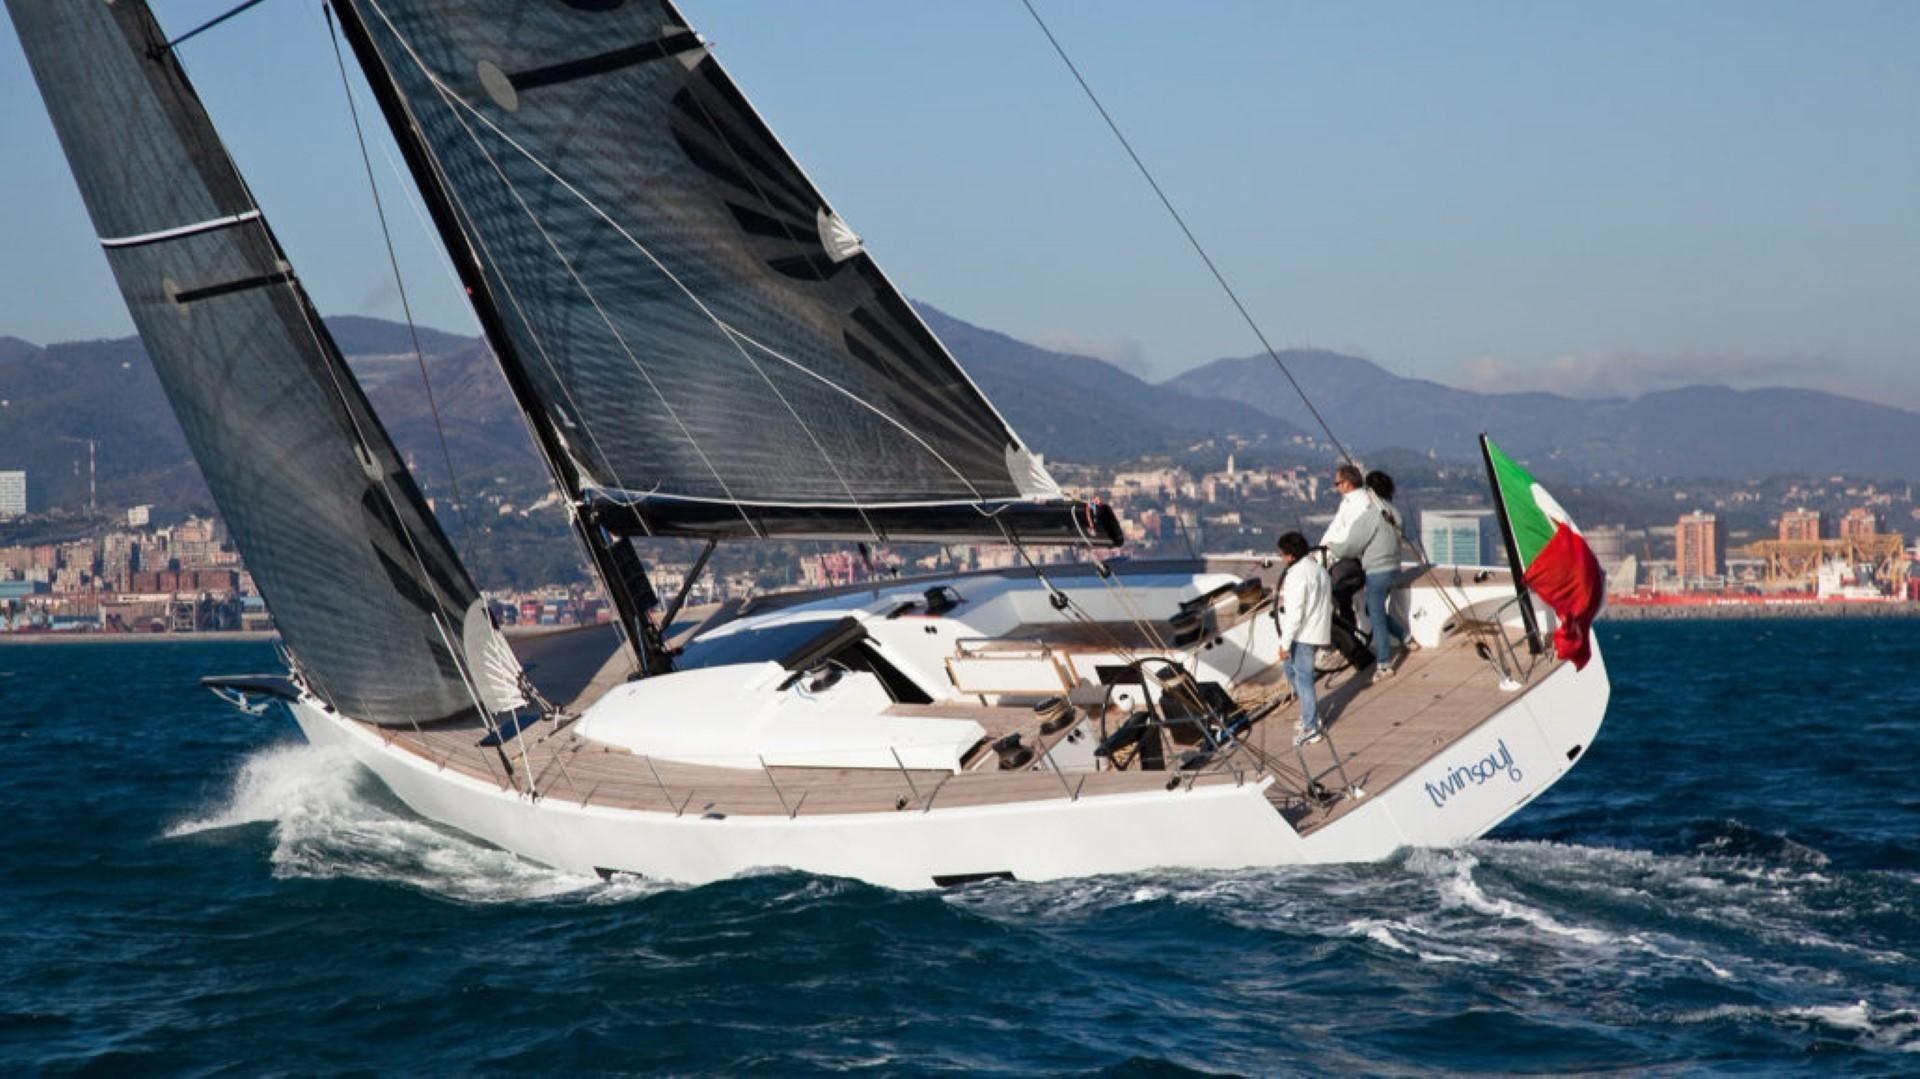 2011 Mylius 65 19e95 Vela Barca In Vendita Refit Active Single Mono Faucet